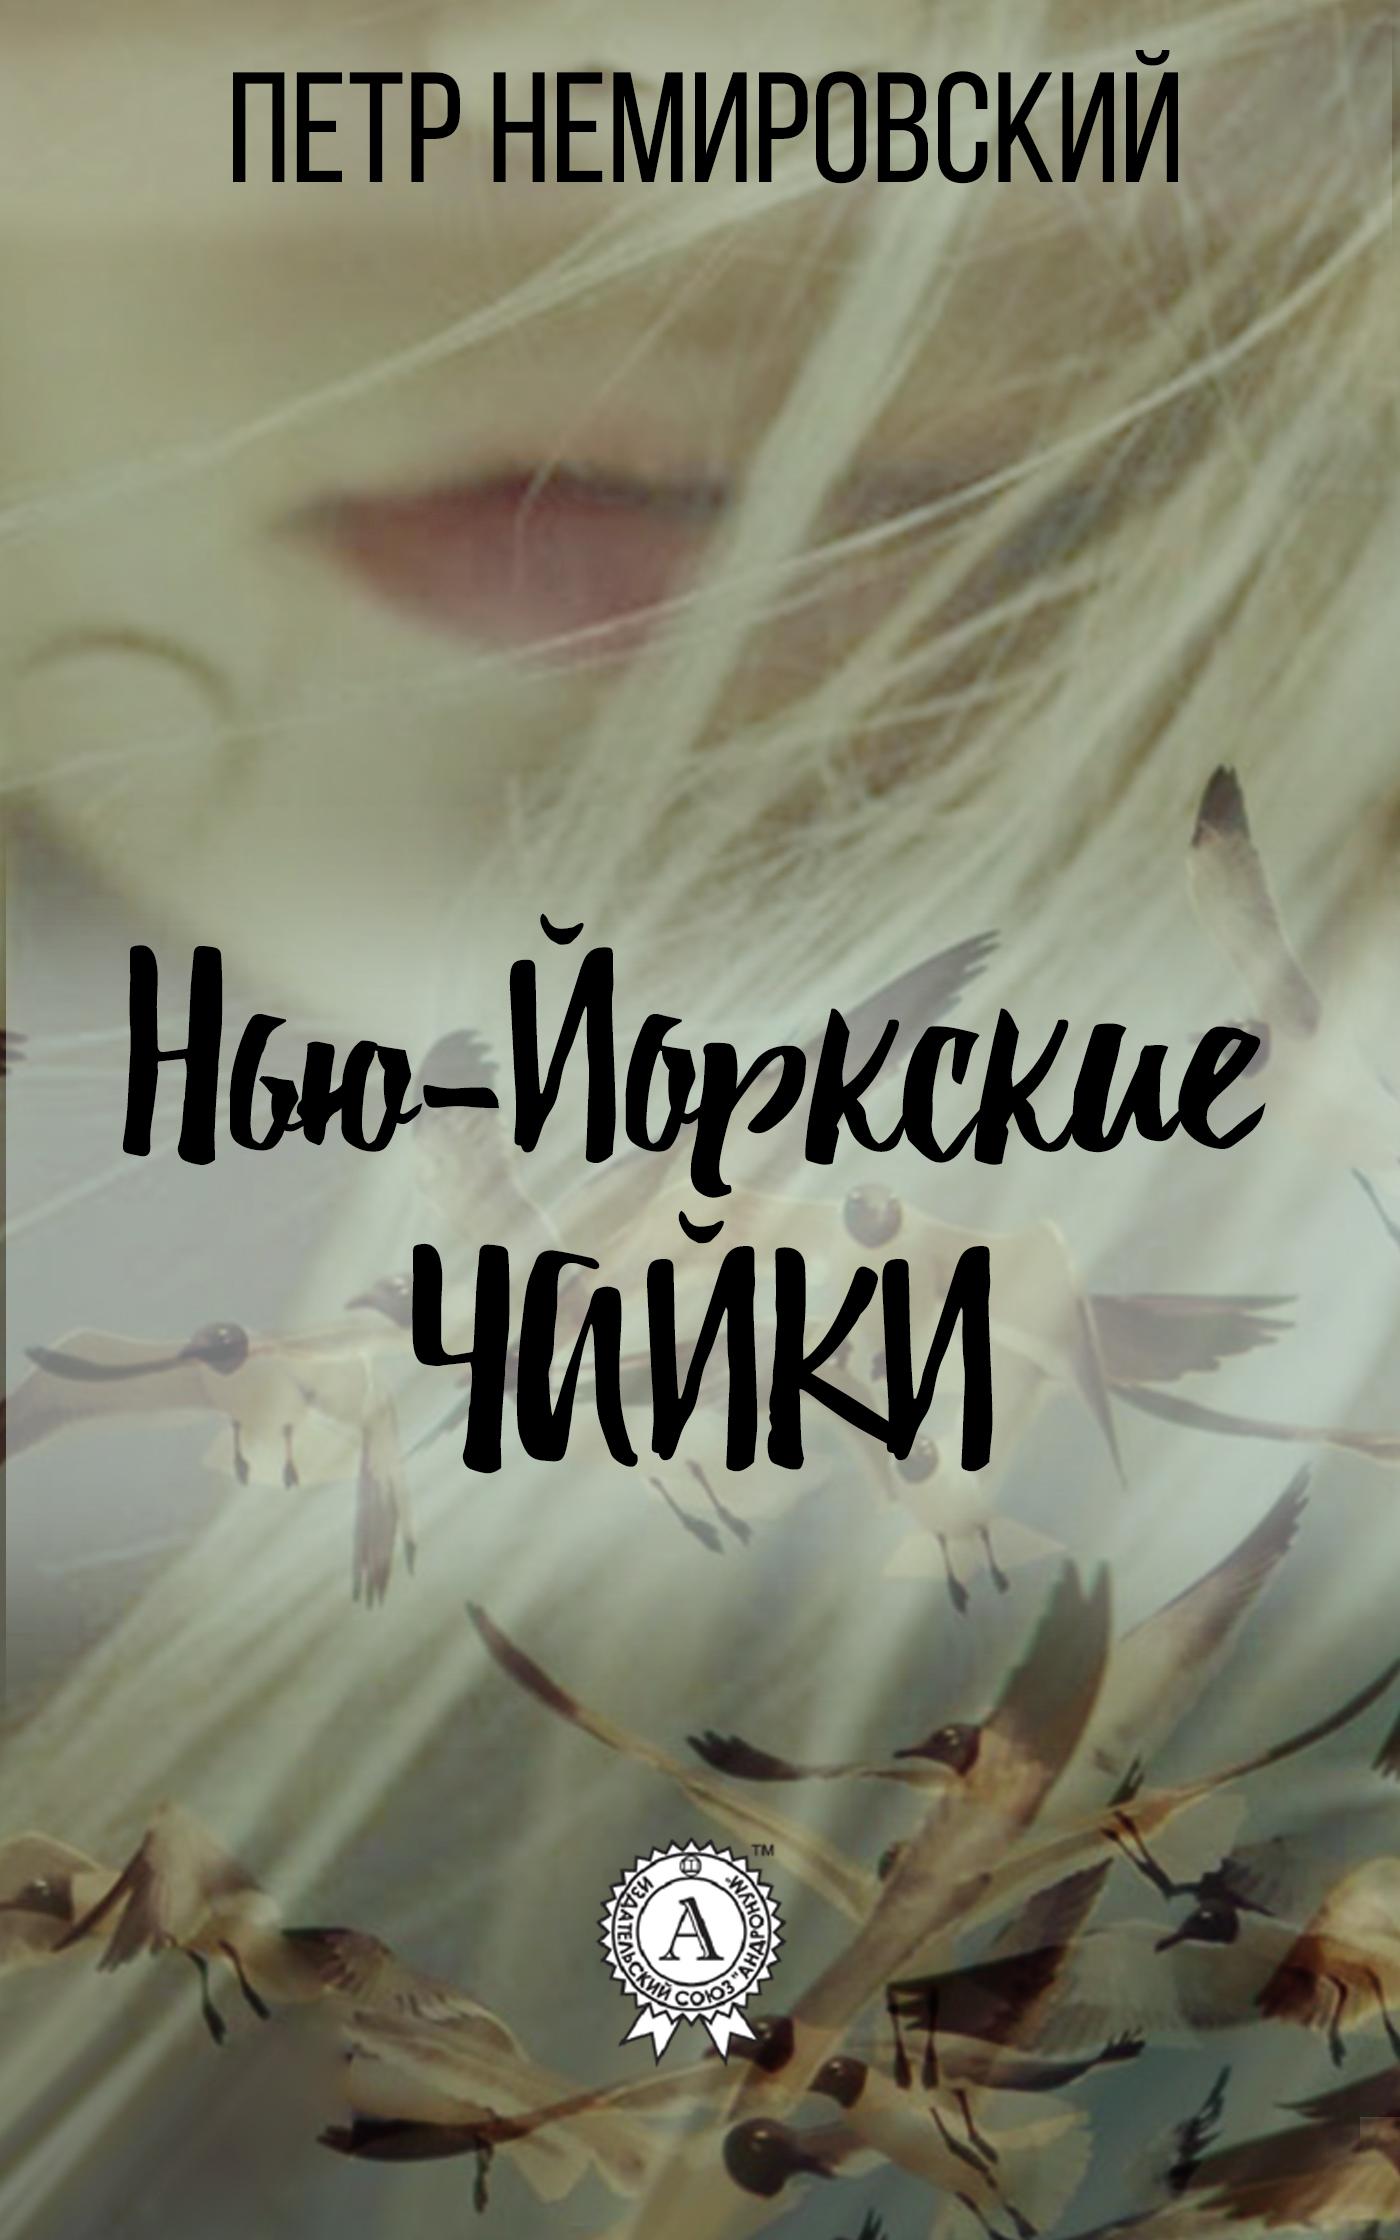 Обложка книги Нью-йоркские чайки, автор Немировский, Петр